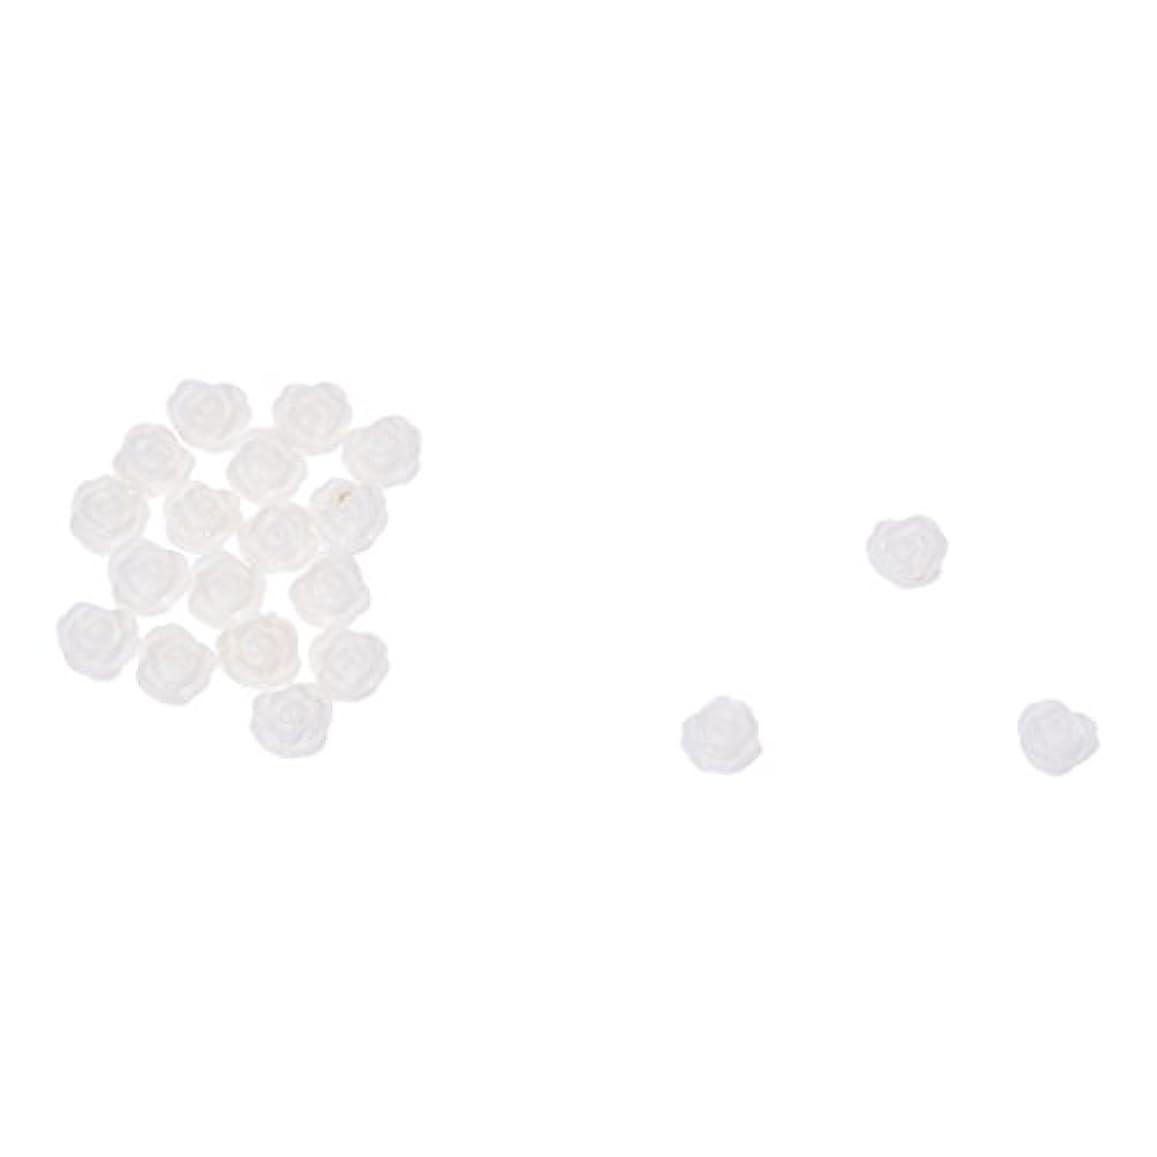 ボランティア活気づく最適ACAMPTAR ACAMPTAR(R)20×アクリル 3D 白い花 スライスネイルアートヒント UVジェル DIYデコレーション